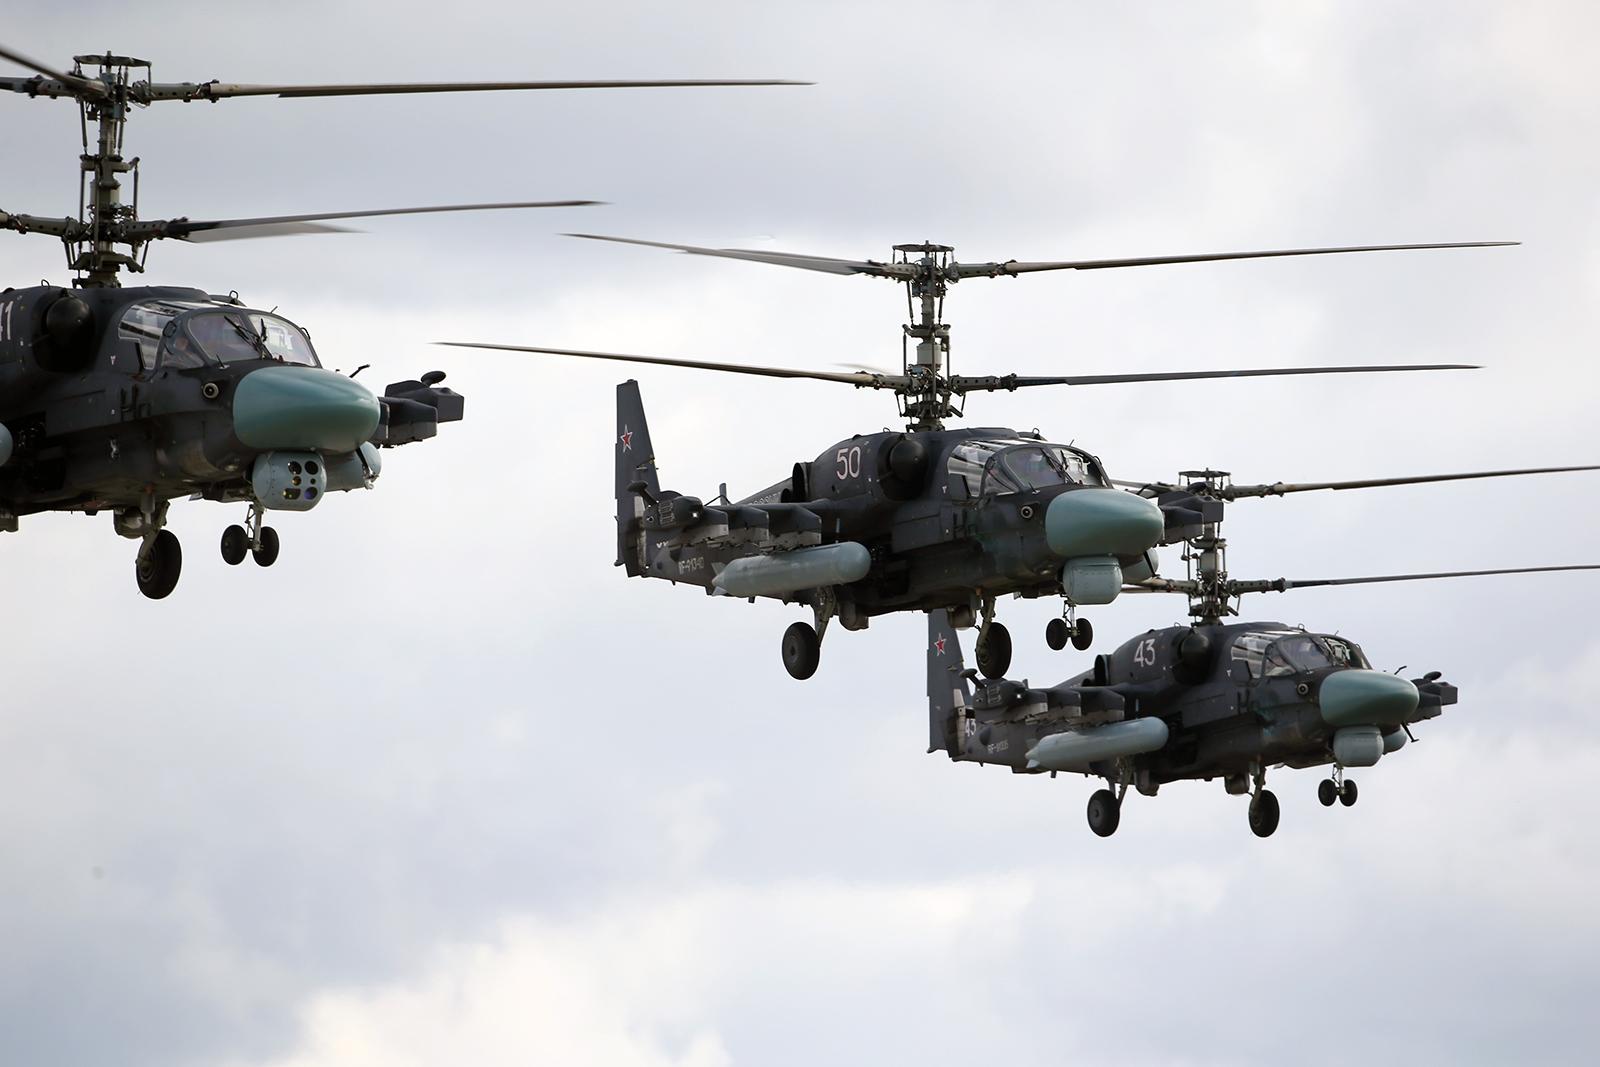 MD russo planeja assinar em breve um contrato para aquisição de 114 helicópteros de ataque e reconhecimento Ka-52M